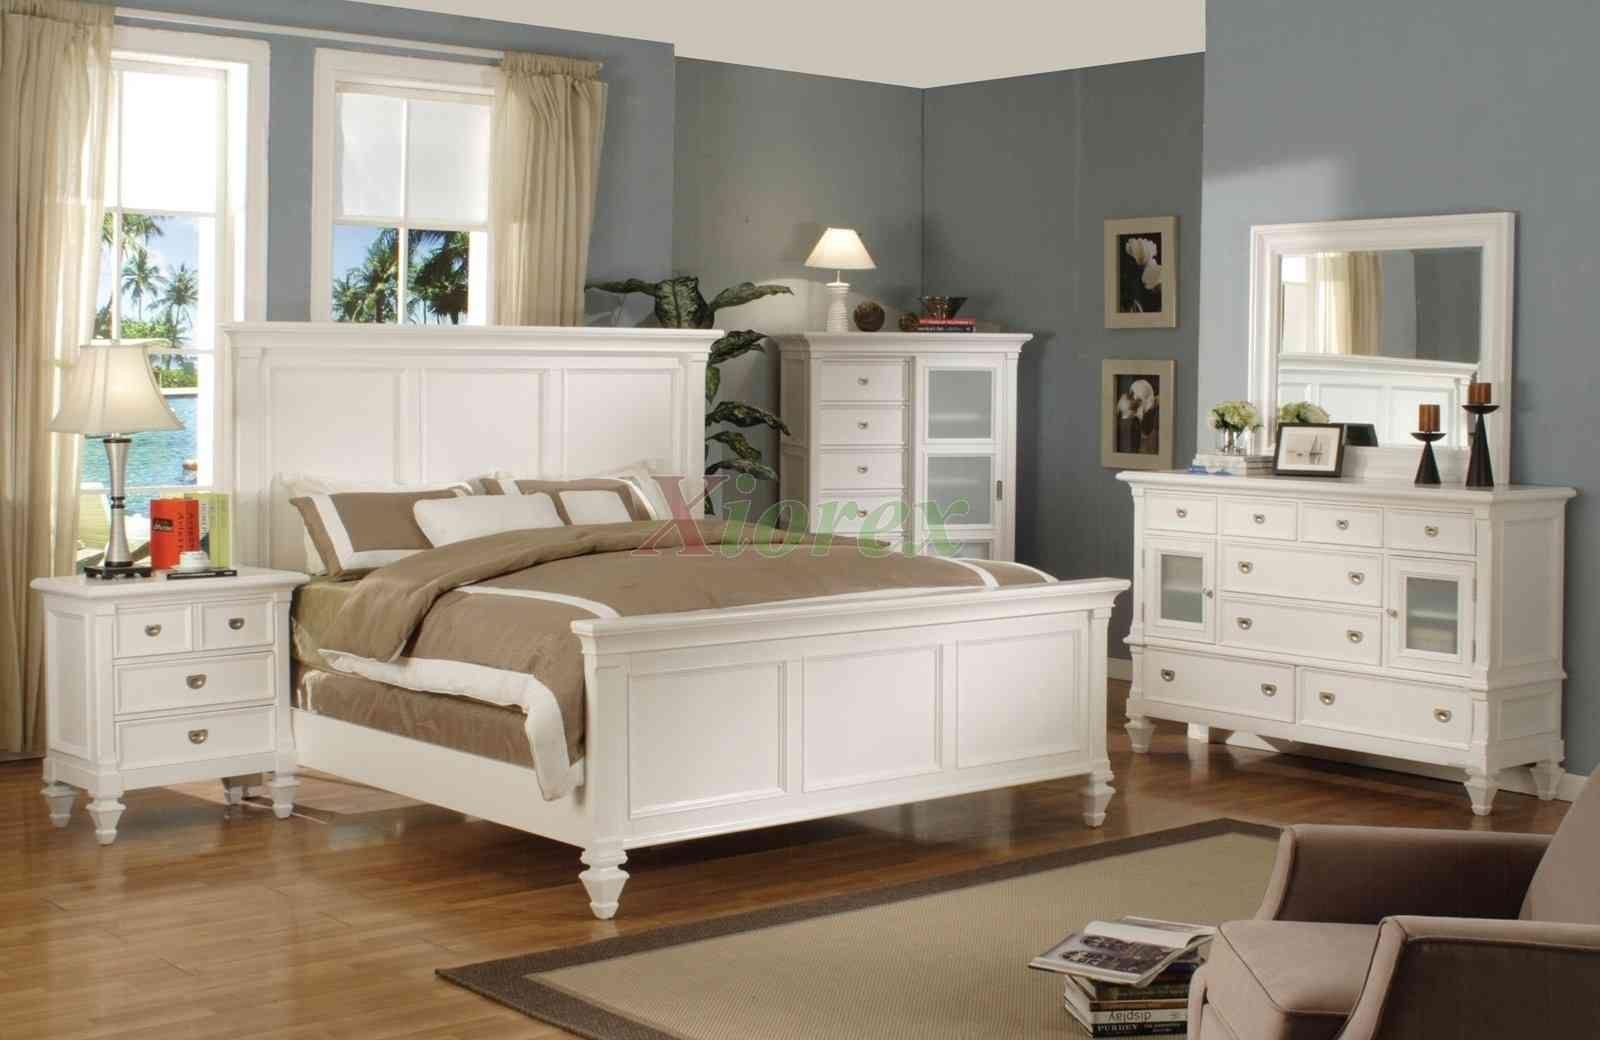 White king bedroom furniture sets bedroom furniture pinterest